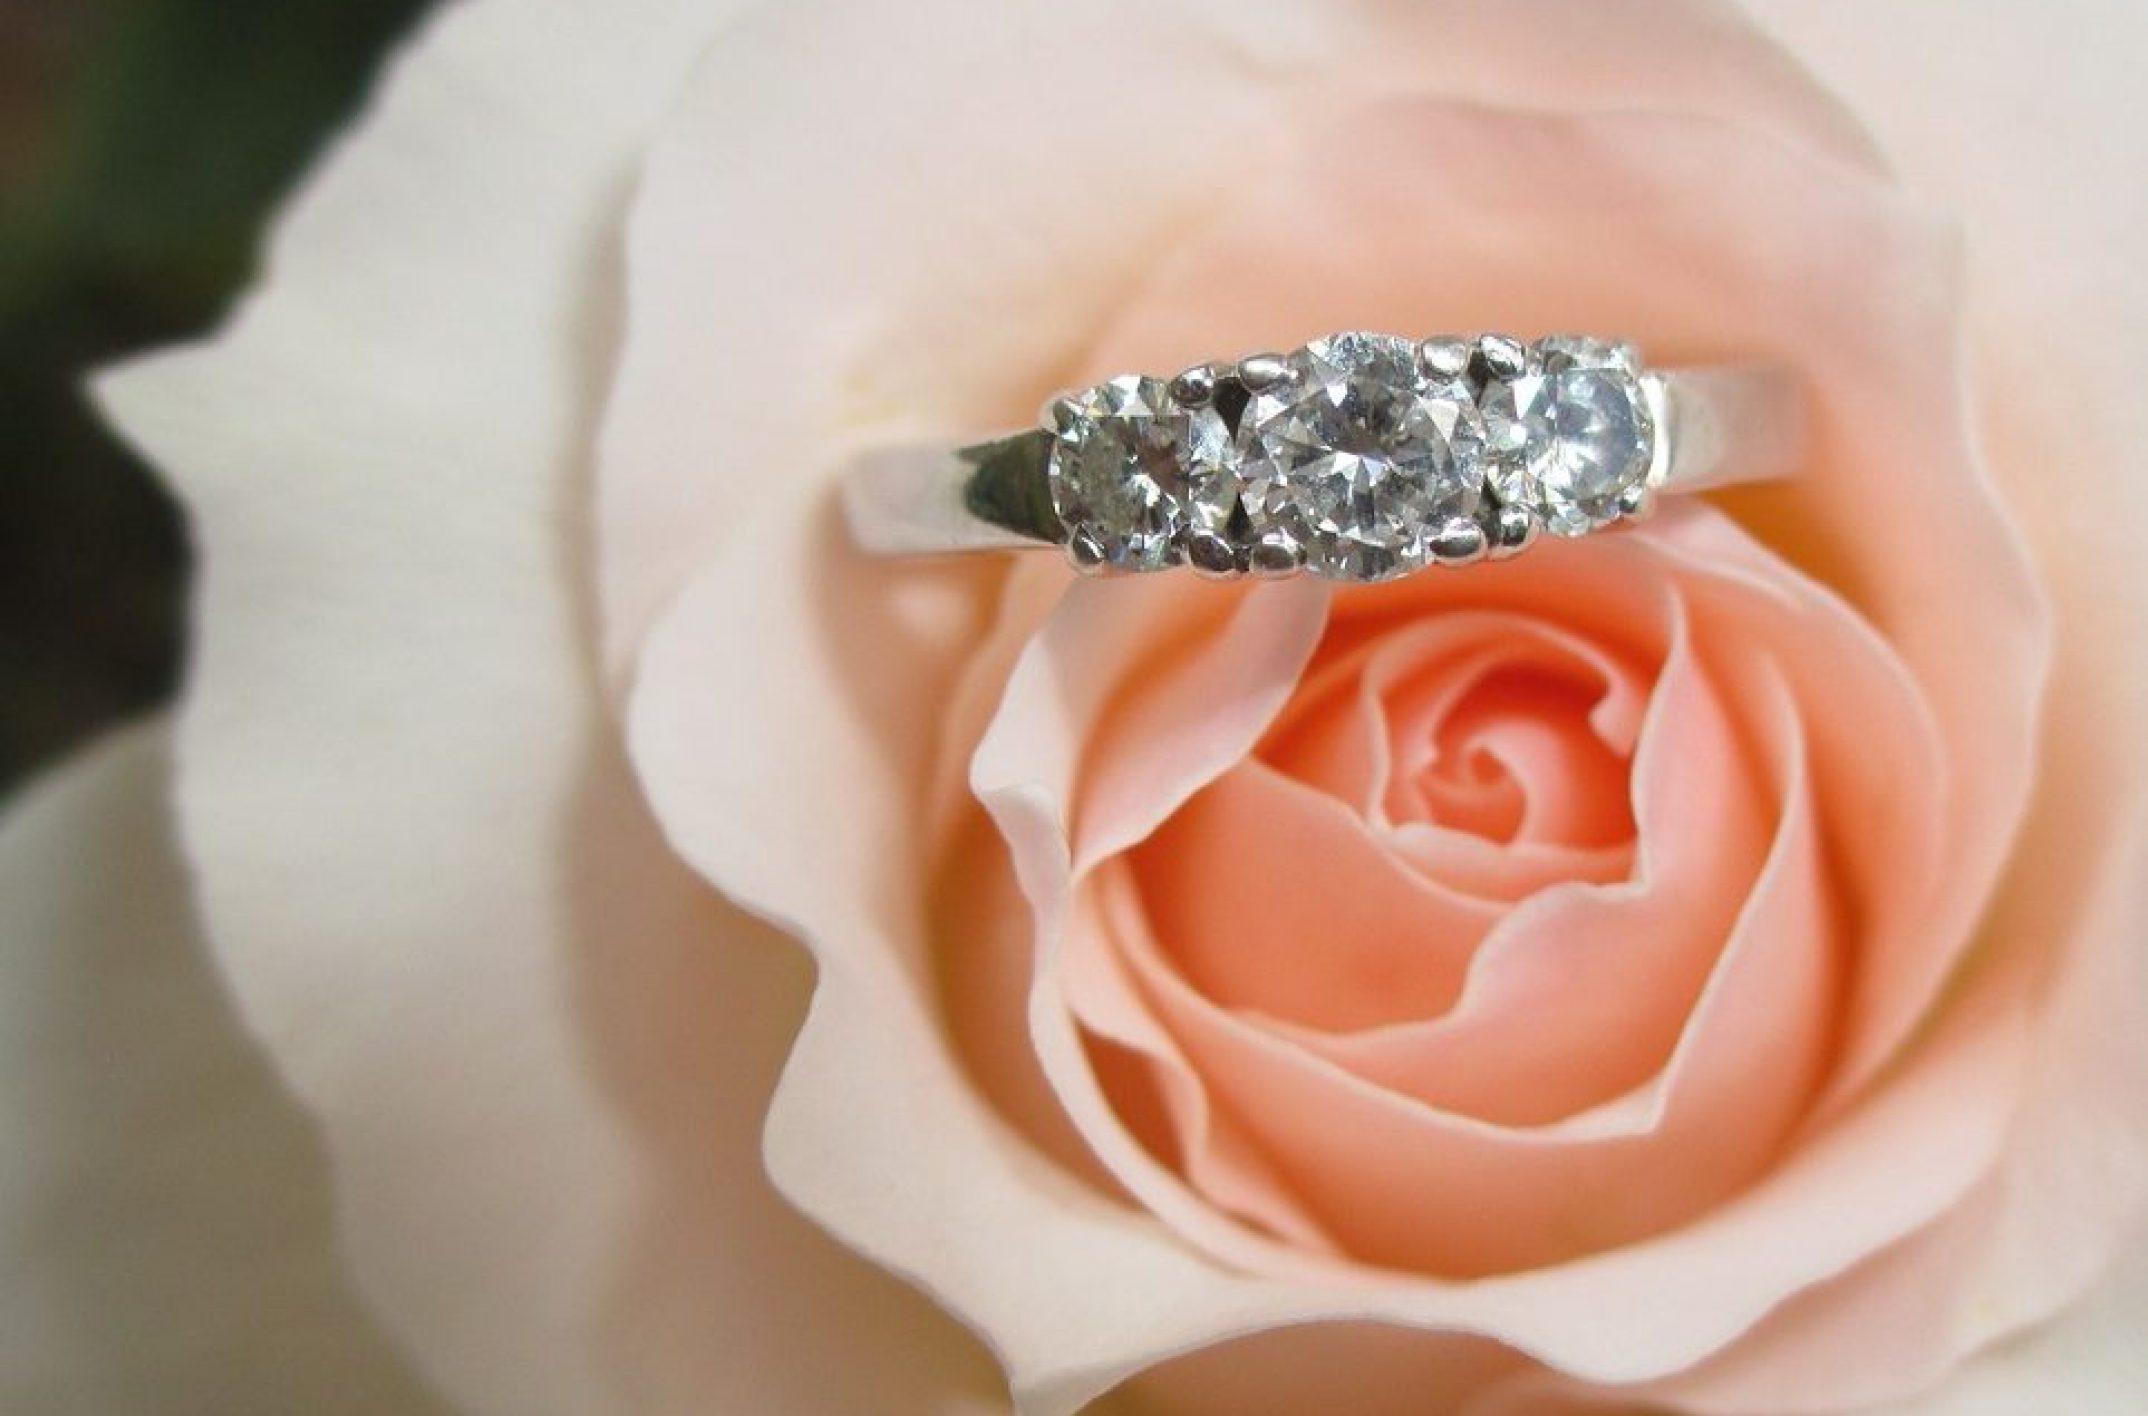 Les tendances sur le mariage et les fiançailles